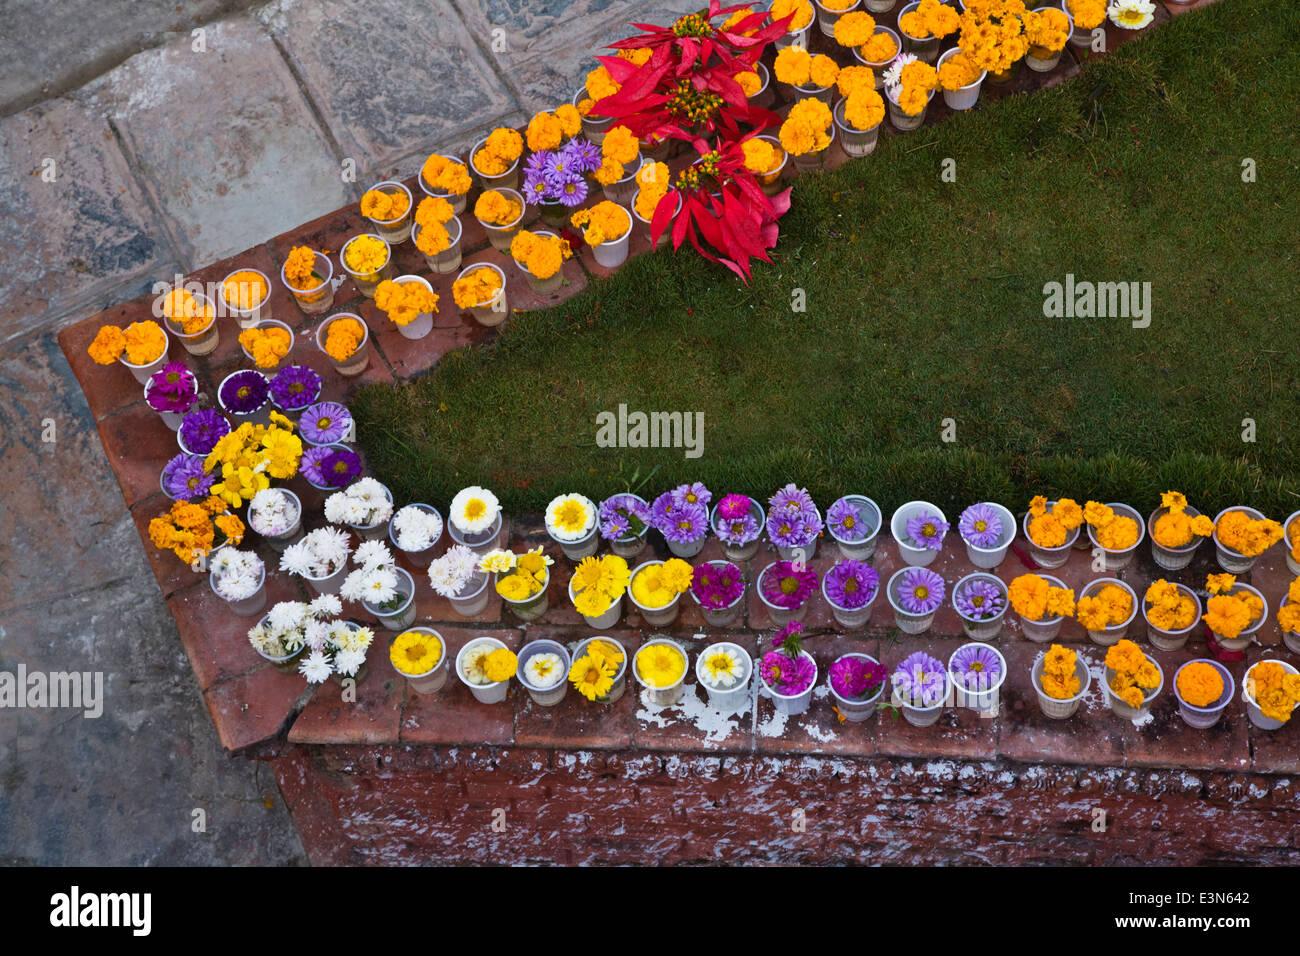 Flower offerings at BODHANATH STUPA - KATMANDU, NEPAL - Stock Image